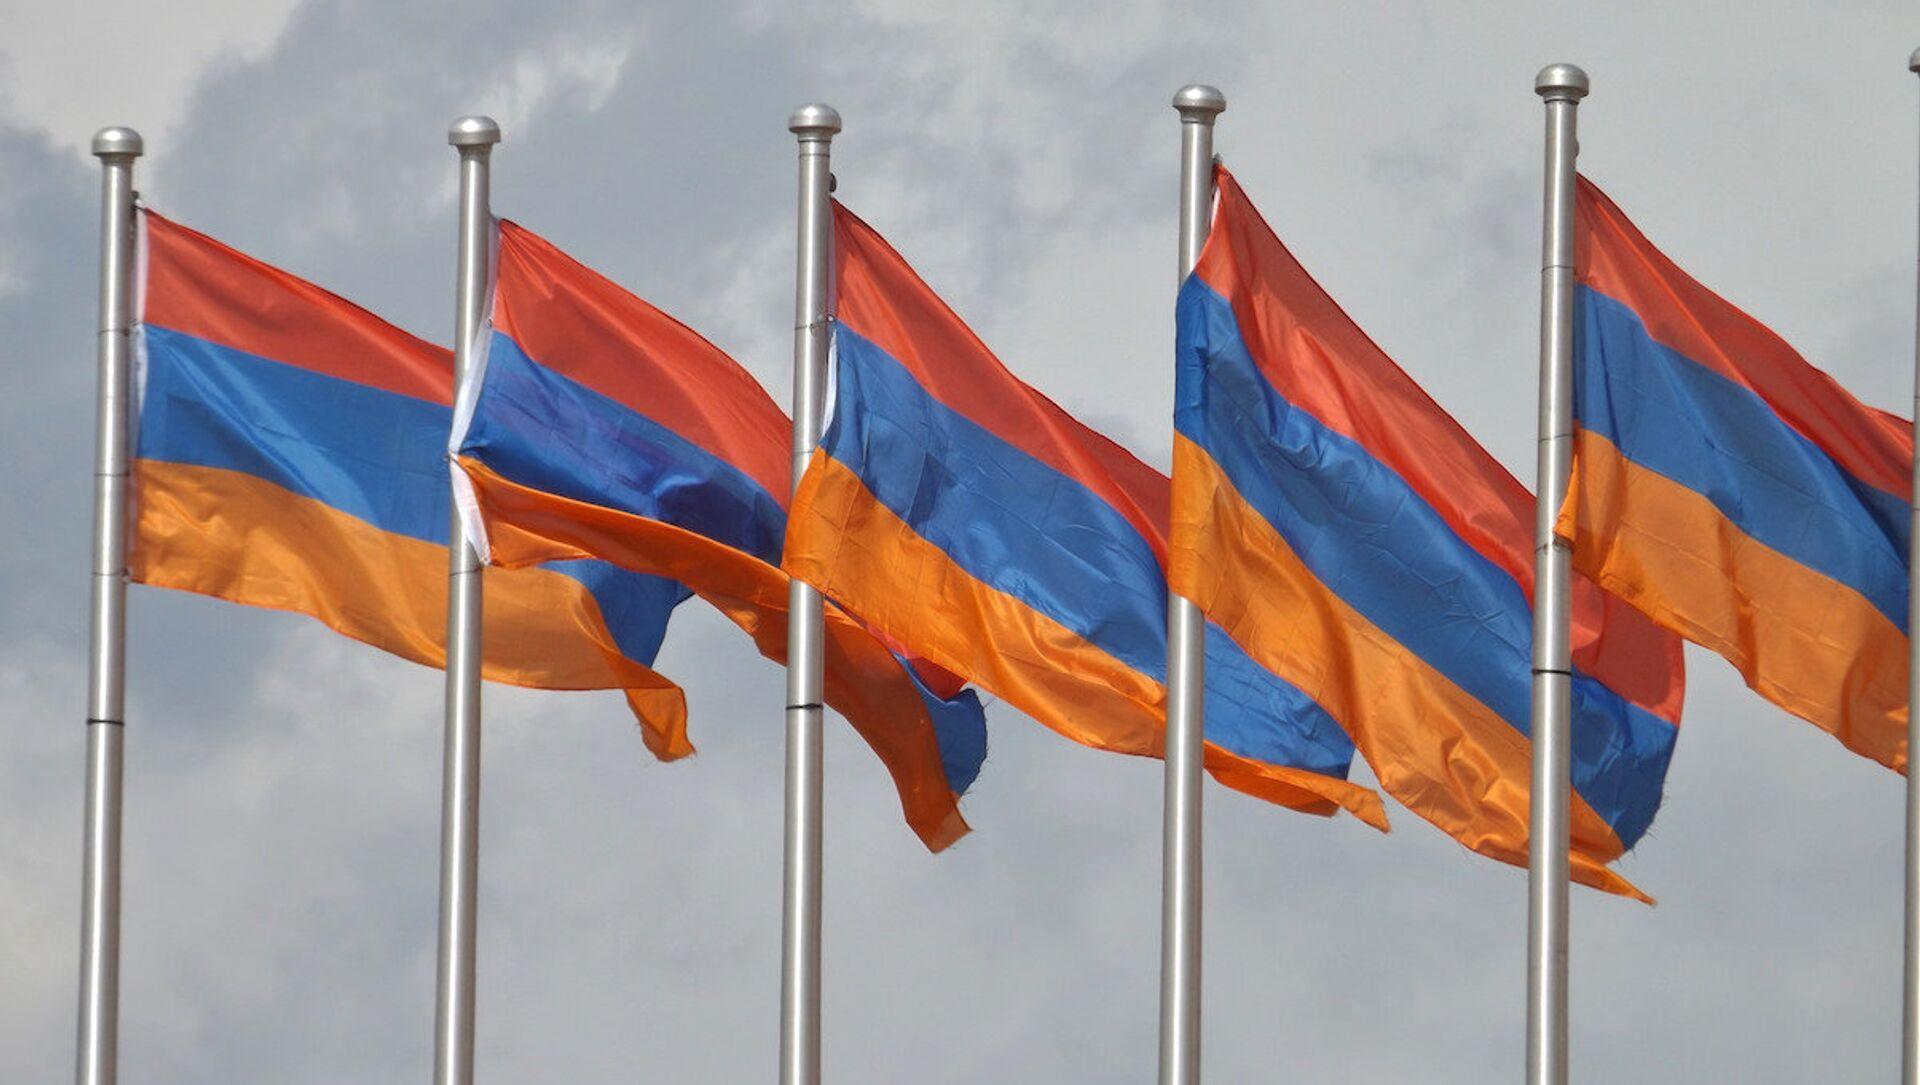 Ermenistan bayrağı. - Sputnik Türkiye, 1920, 05.04.2021